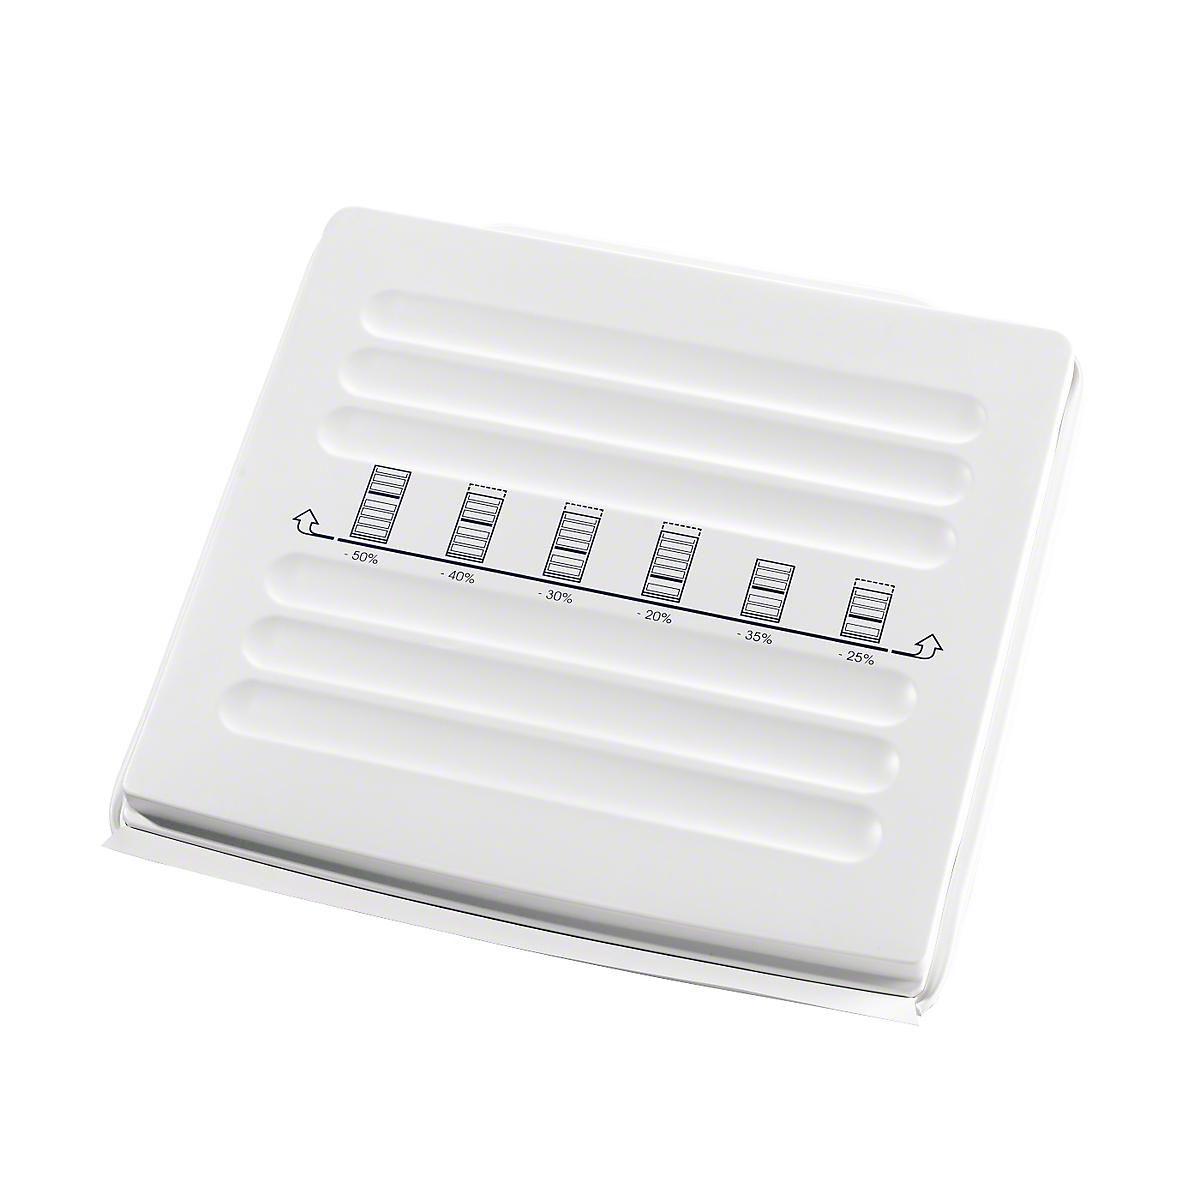 Miele IP 700 Isolationsplatte für Gefrierschränke